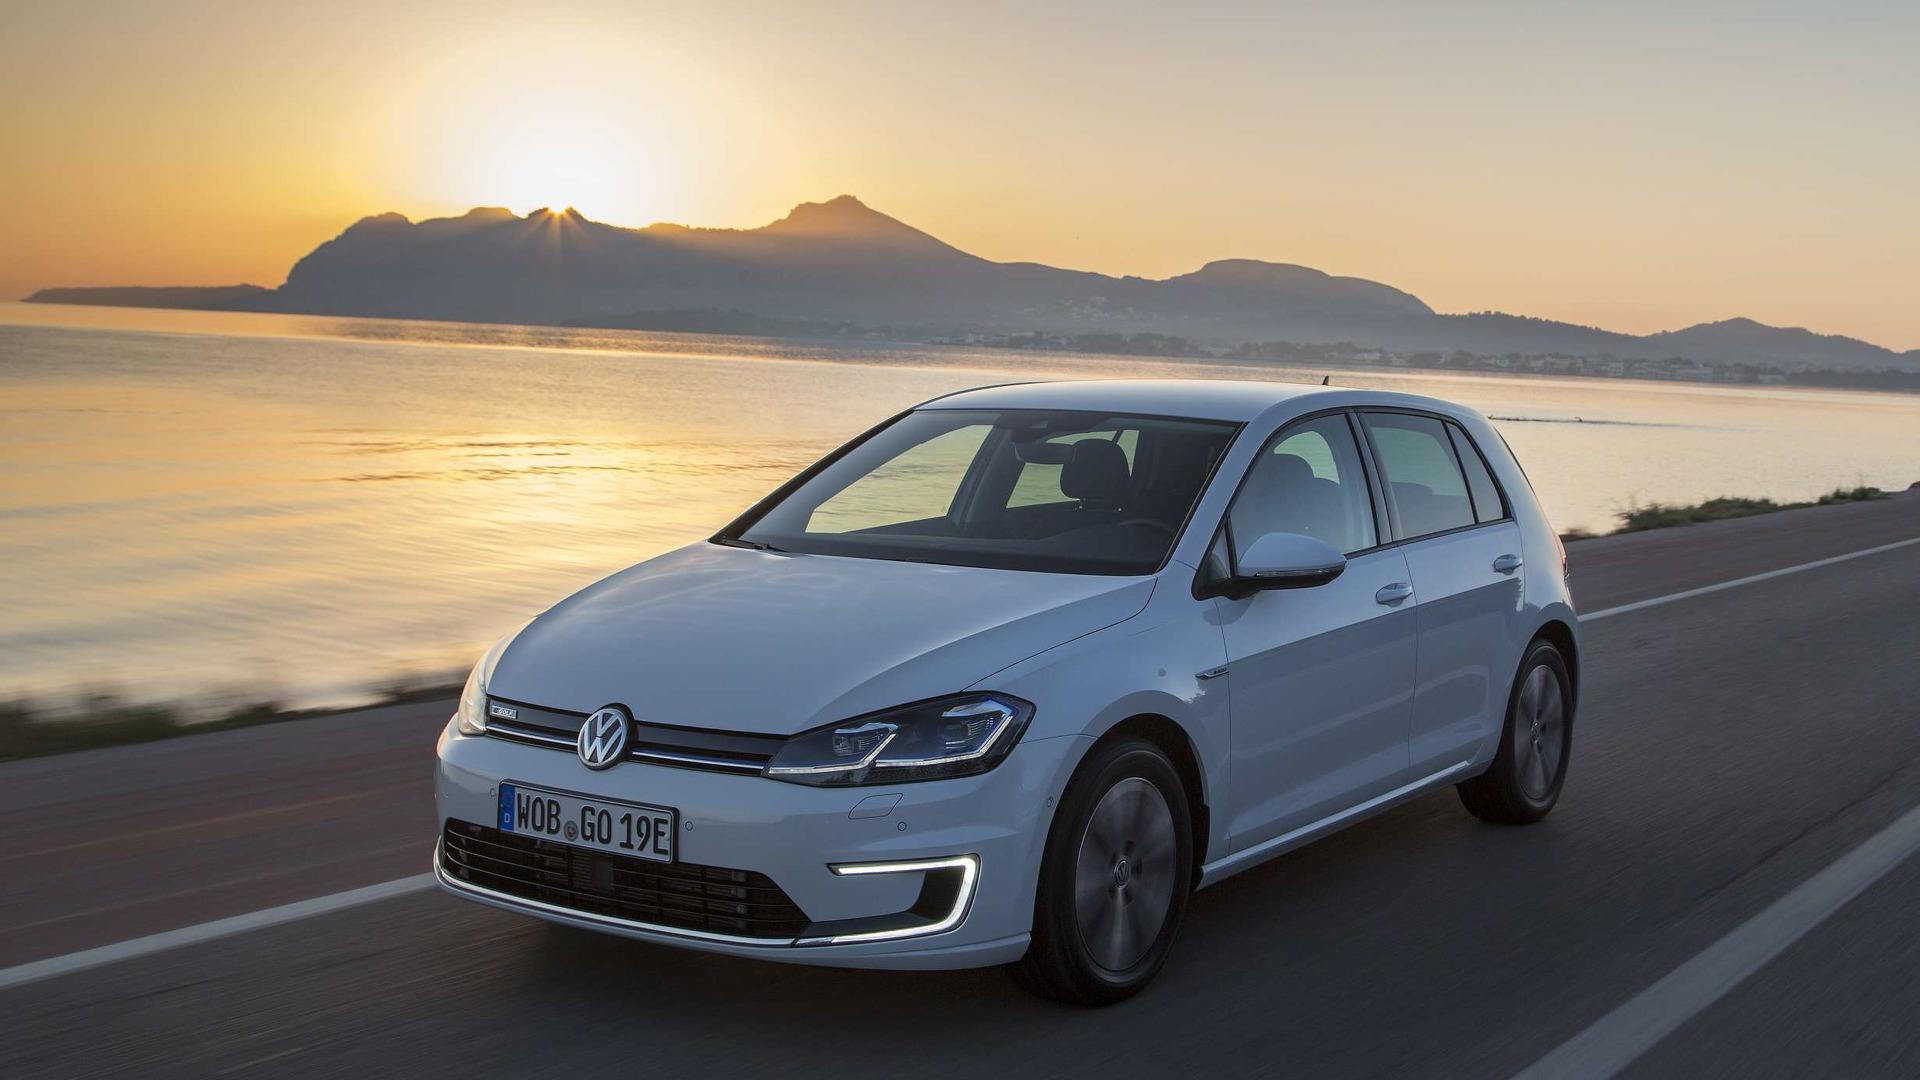 2017 Volkswagen e-Golf first drive